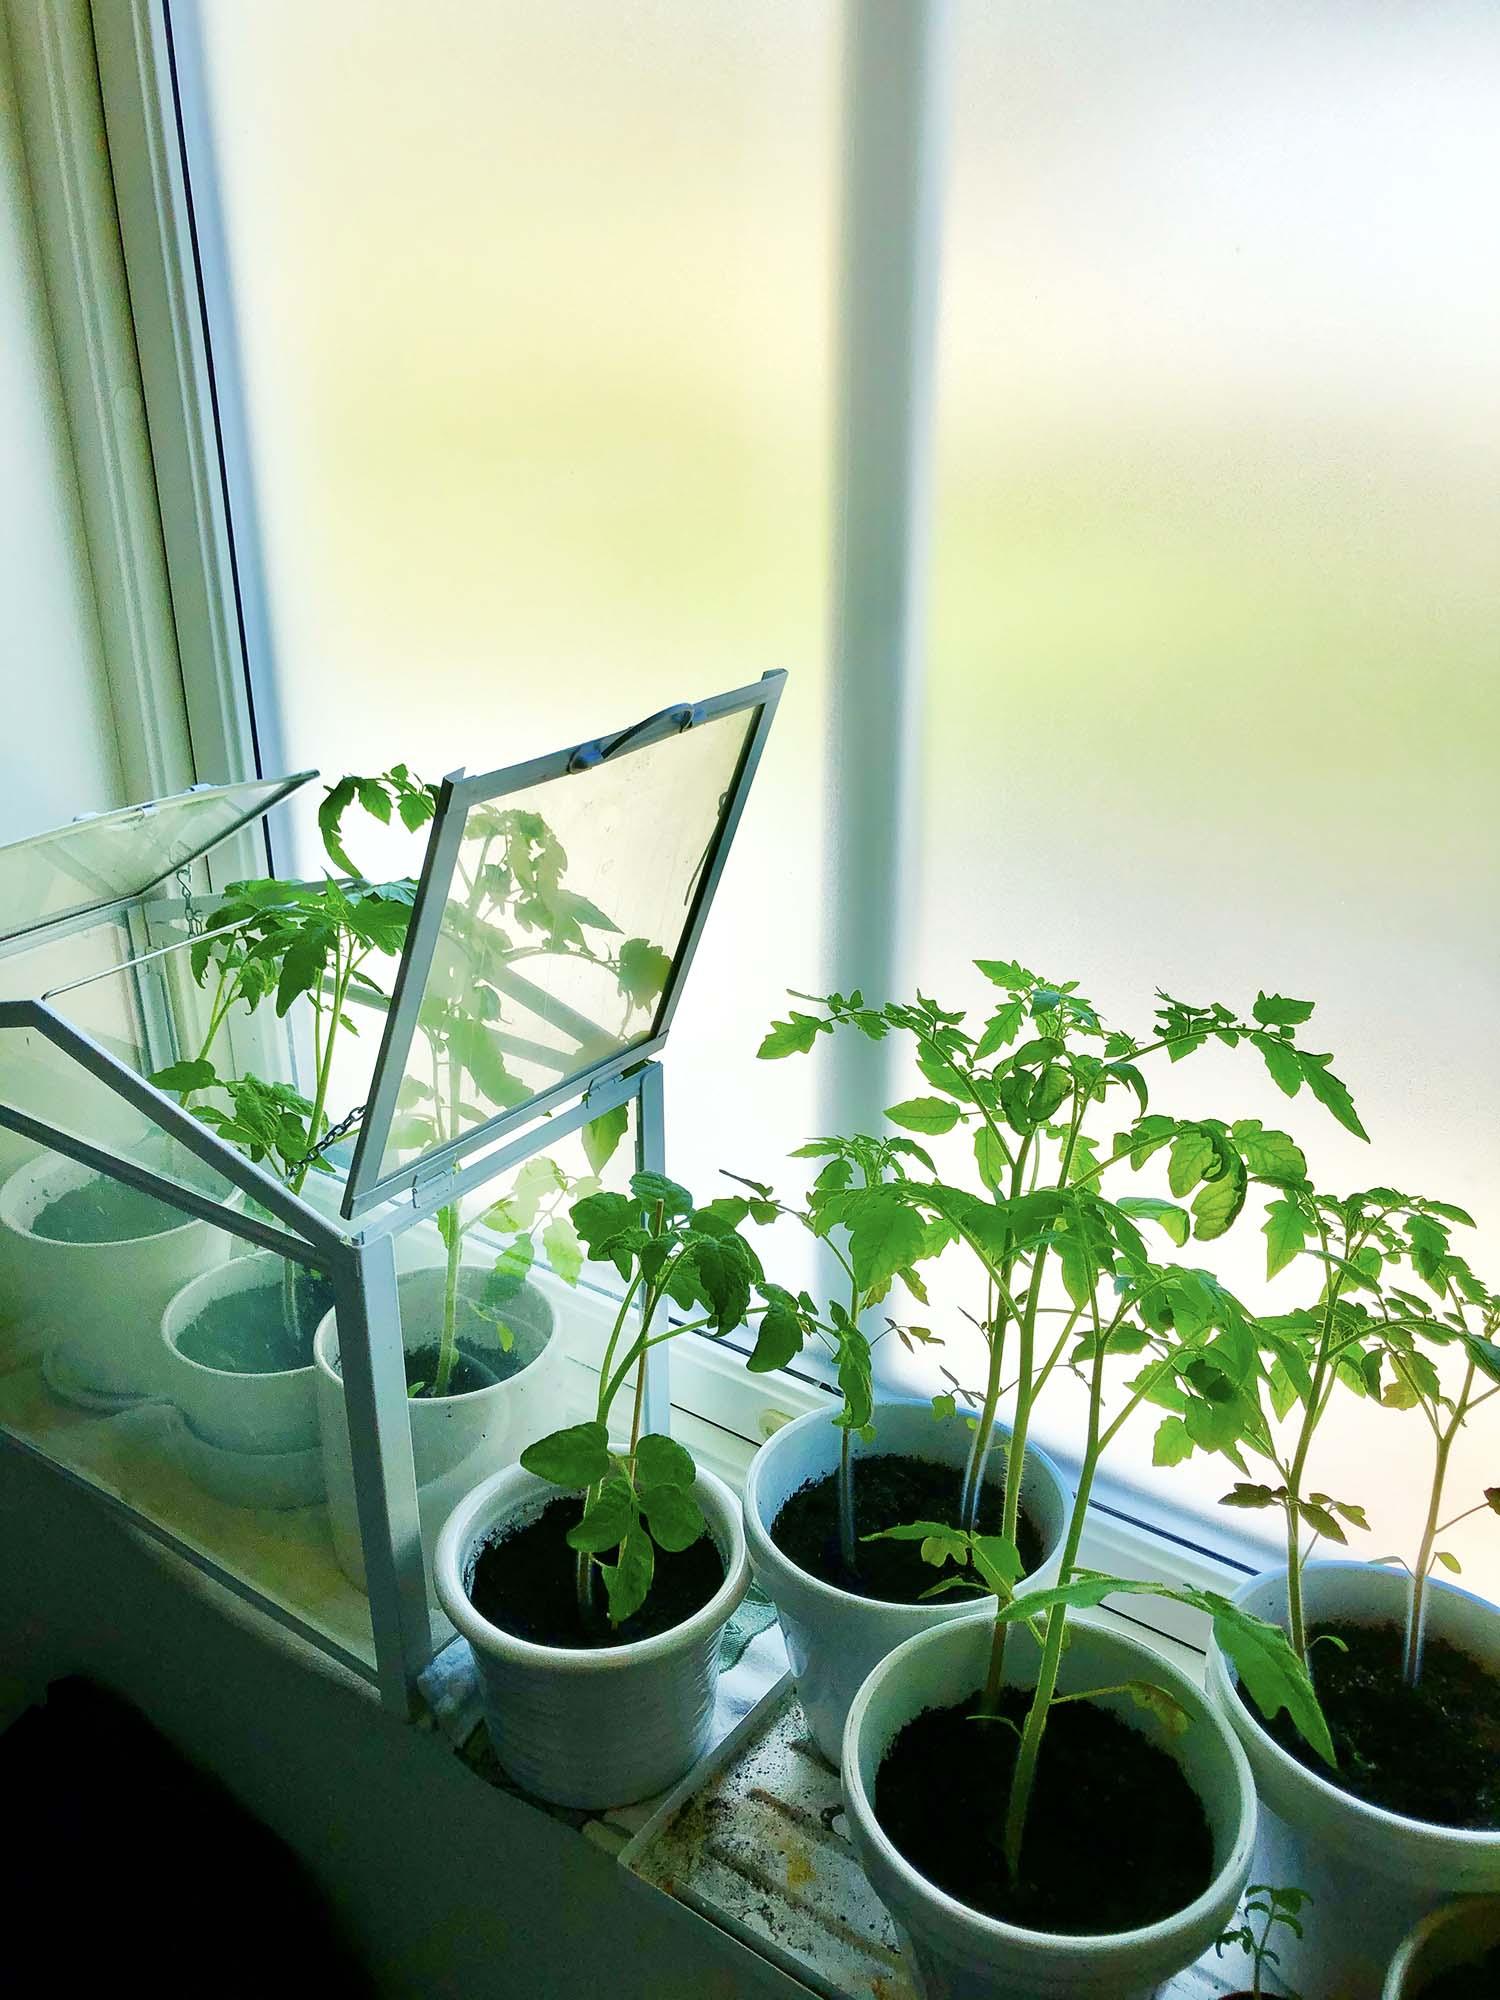 Tomatplantor - trädgårdsfix första helgen i maj